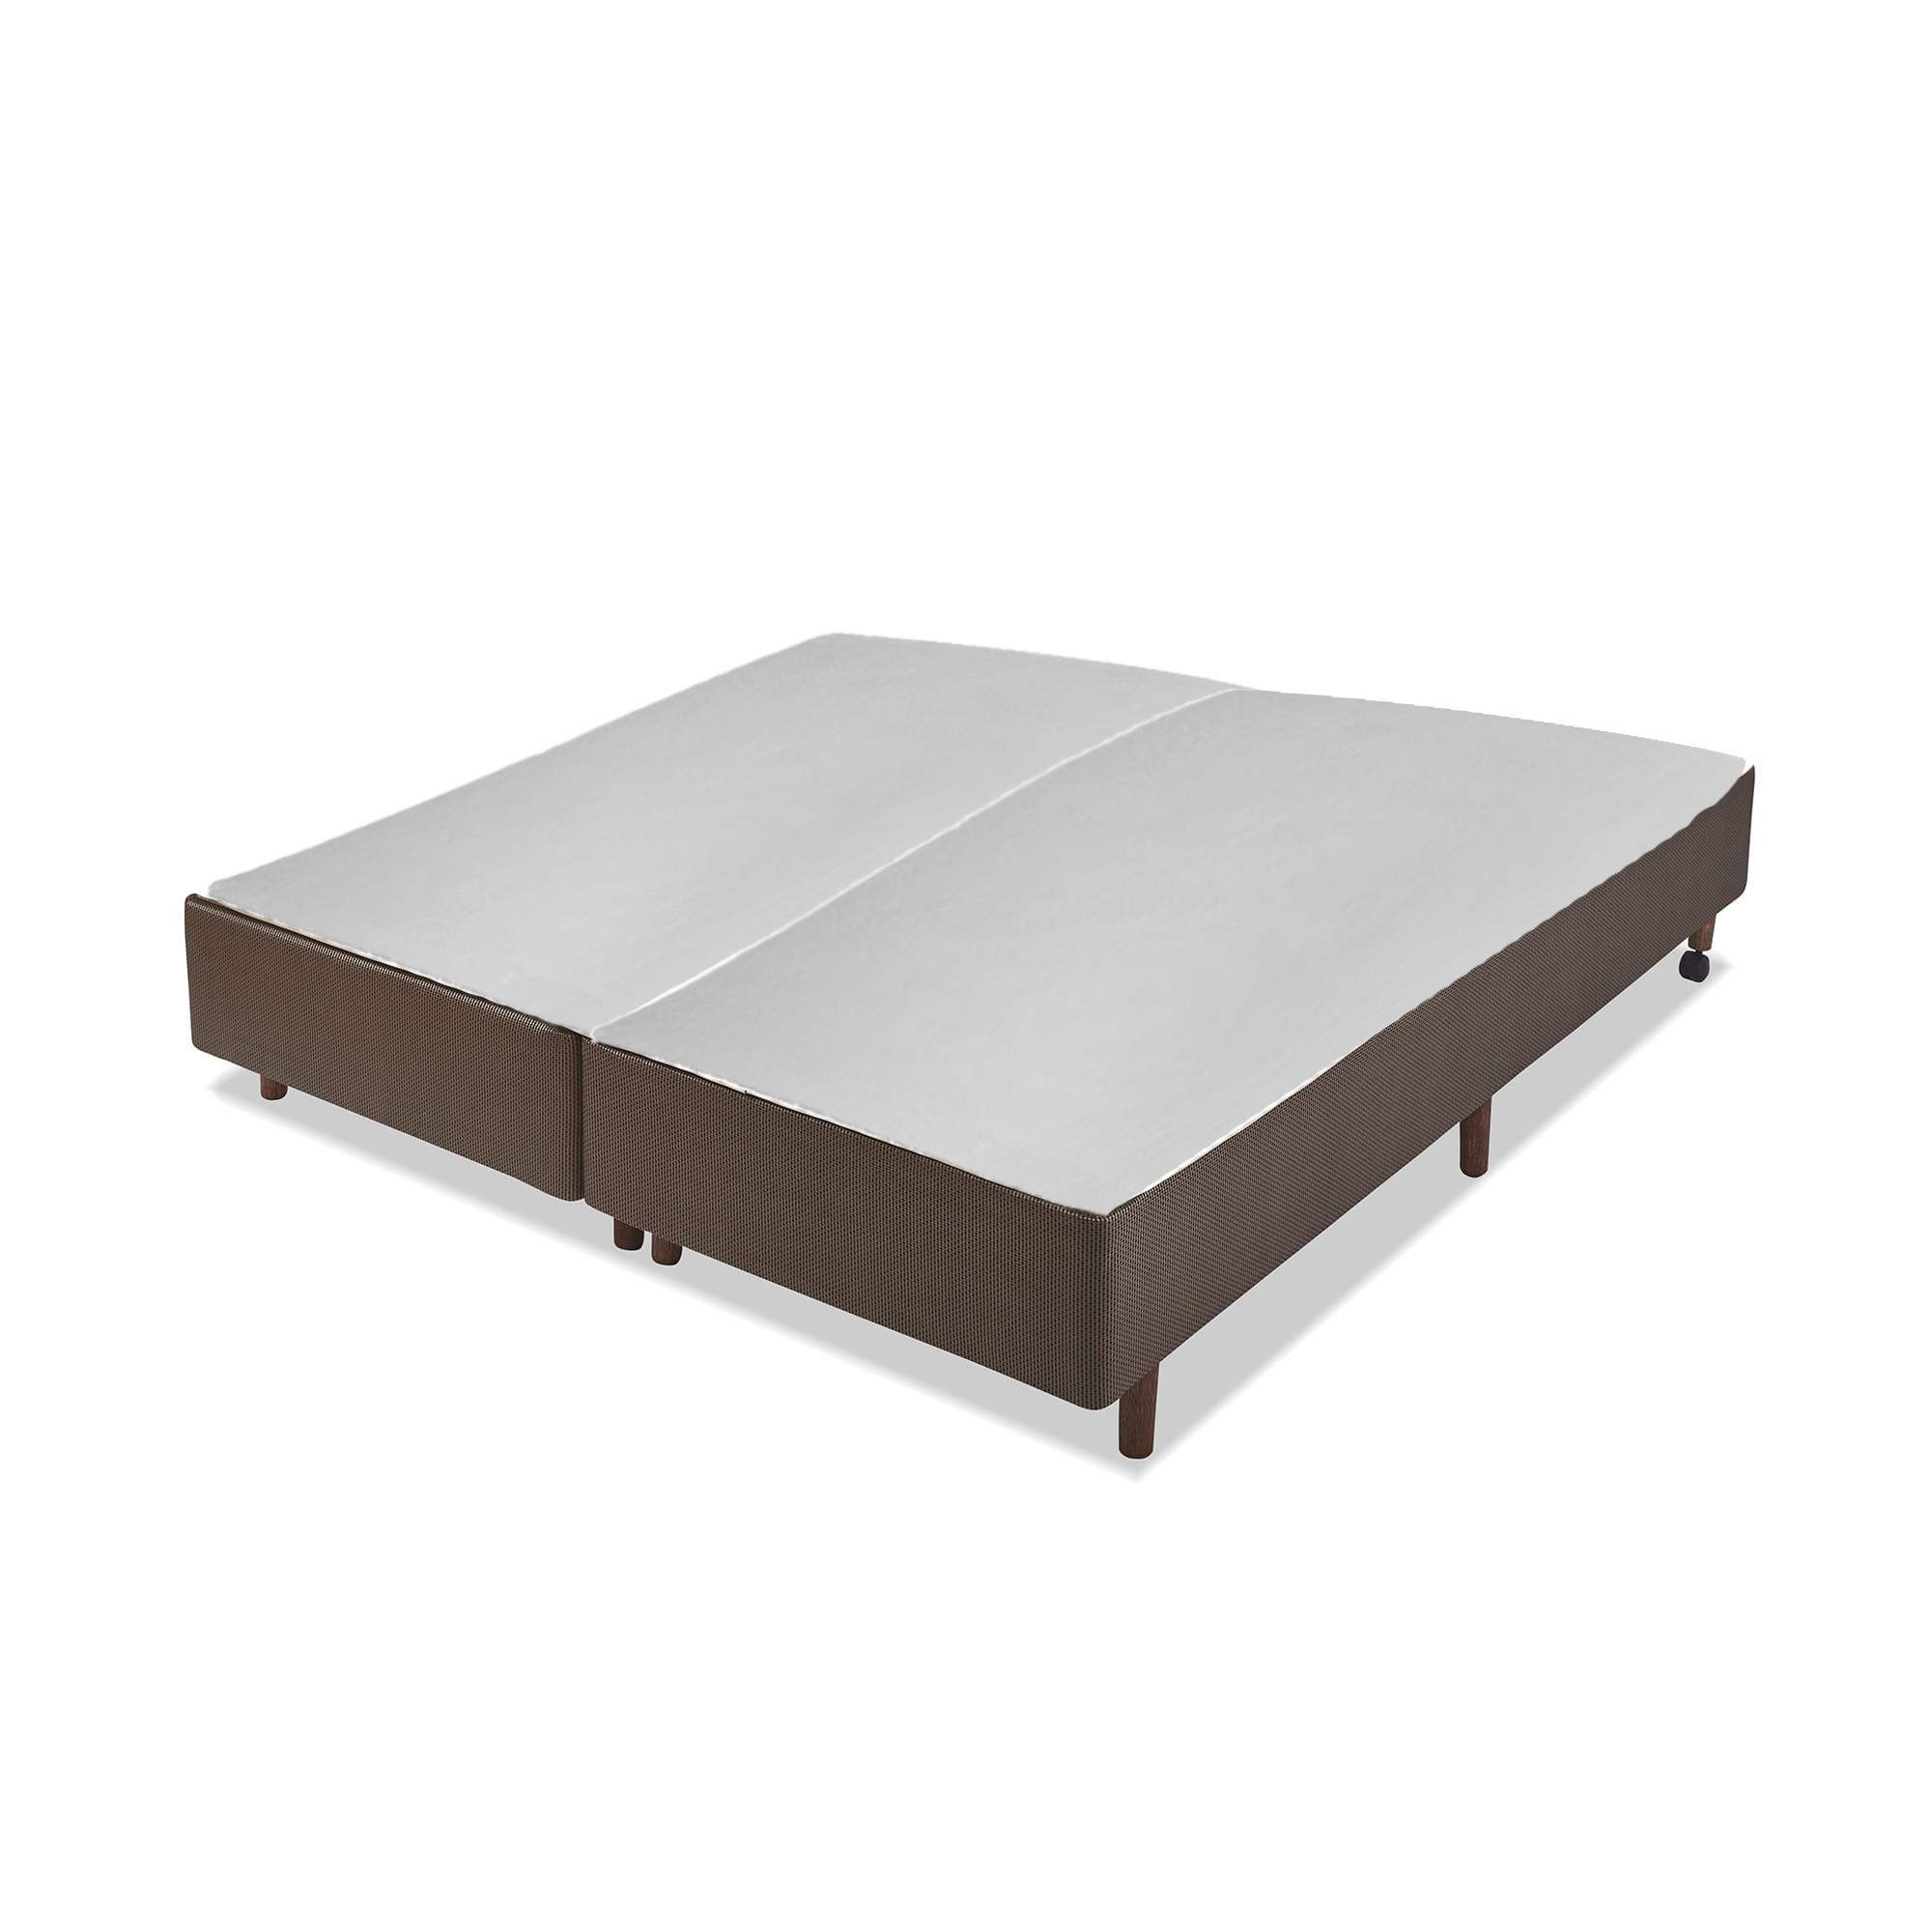 Box F.A. Colchões Prime Tech Marrom 25 cm [Solteiro 088 x 188 cm]